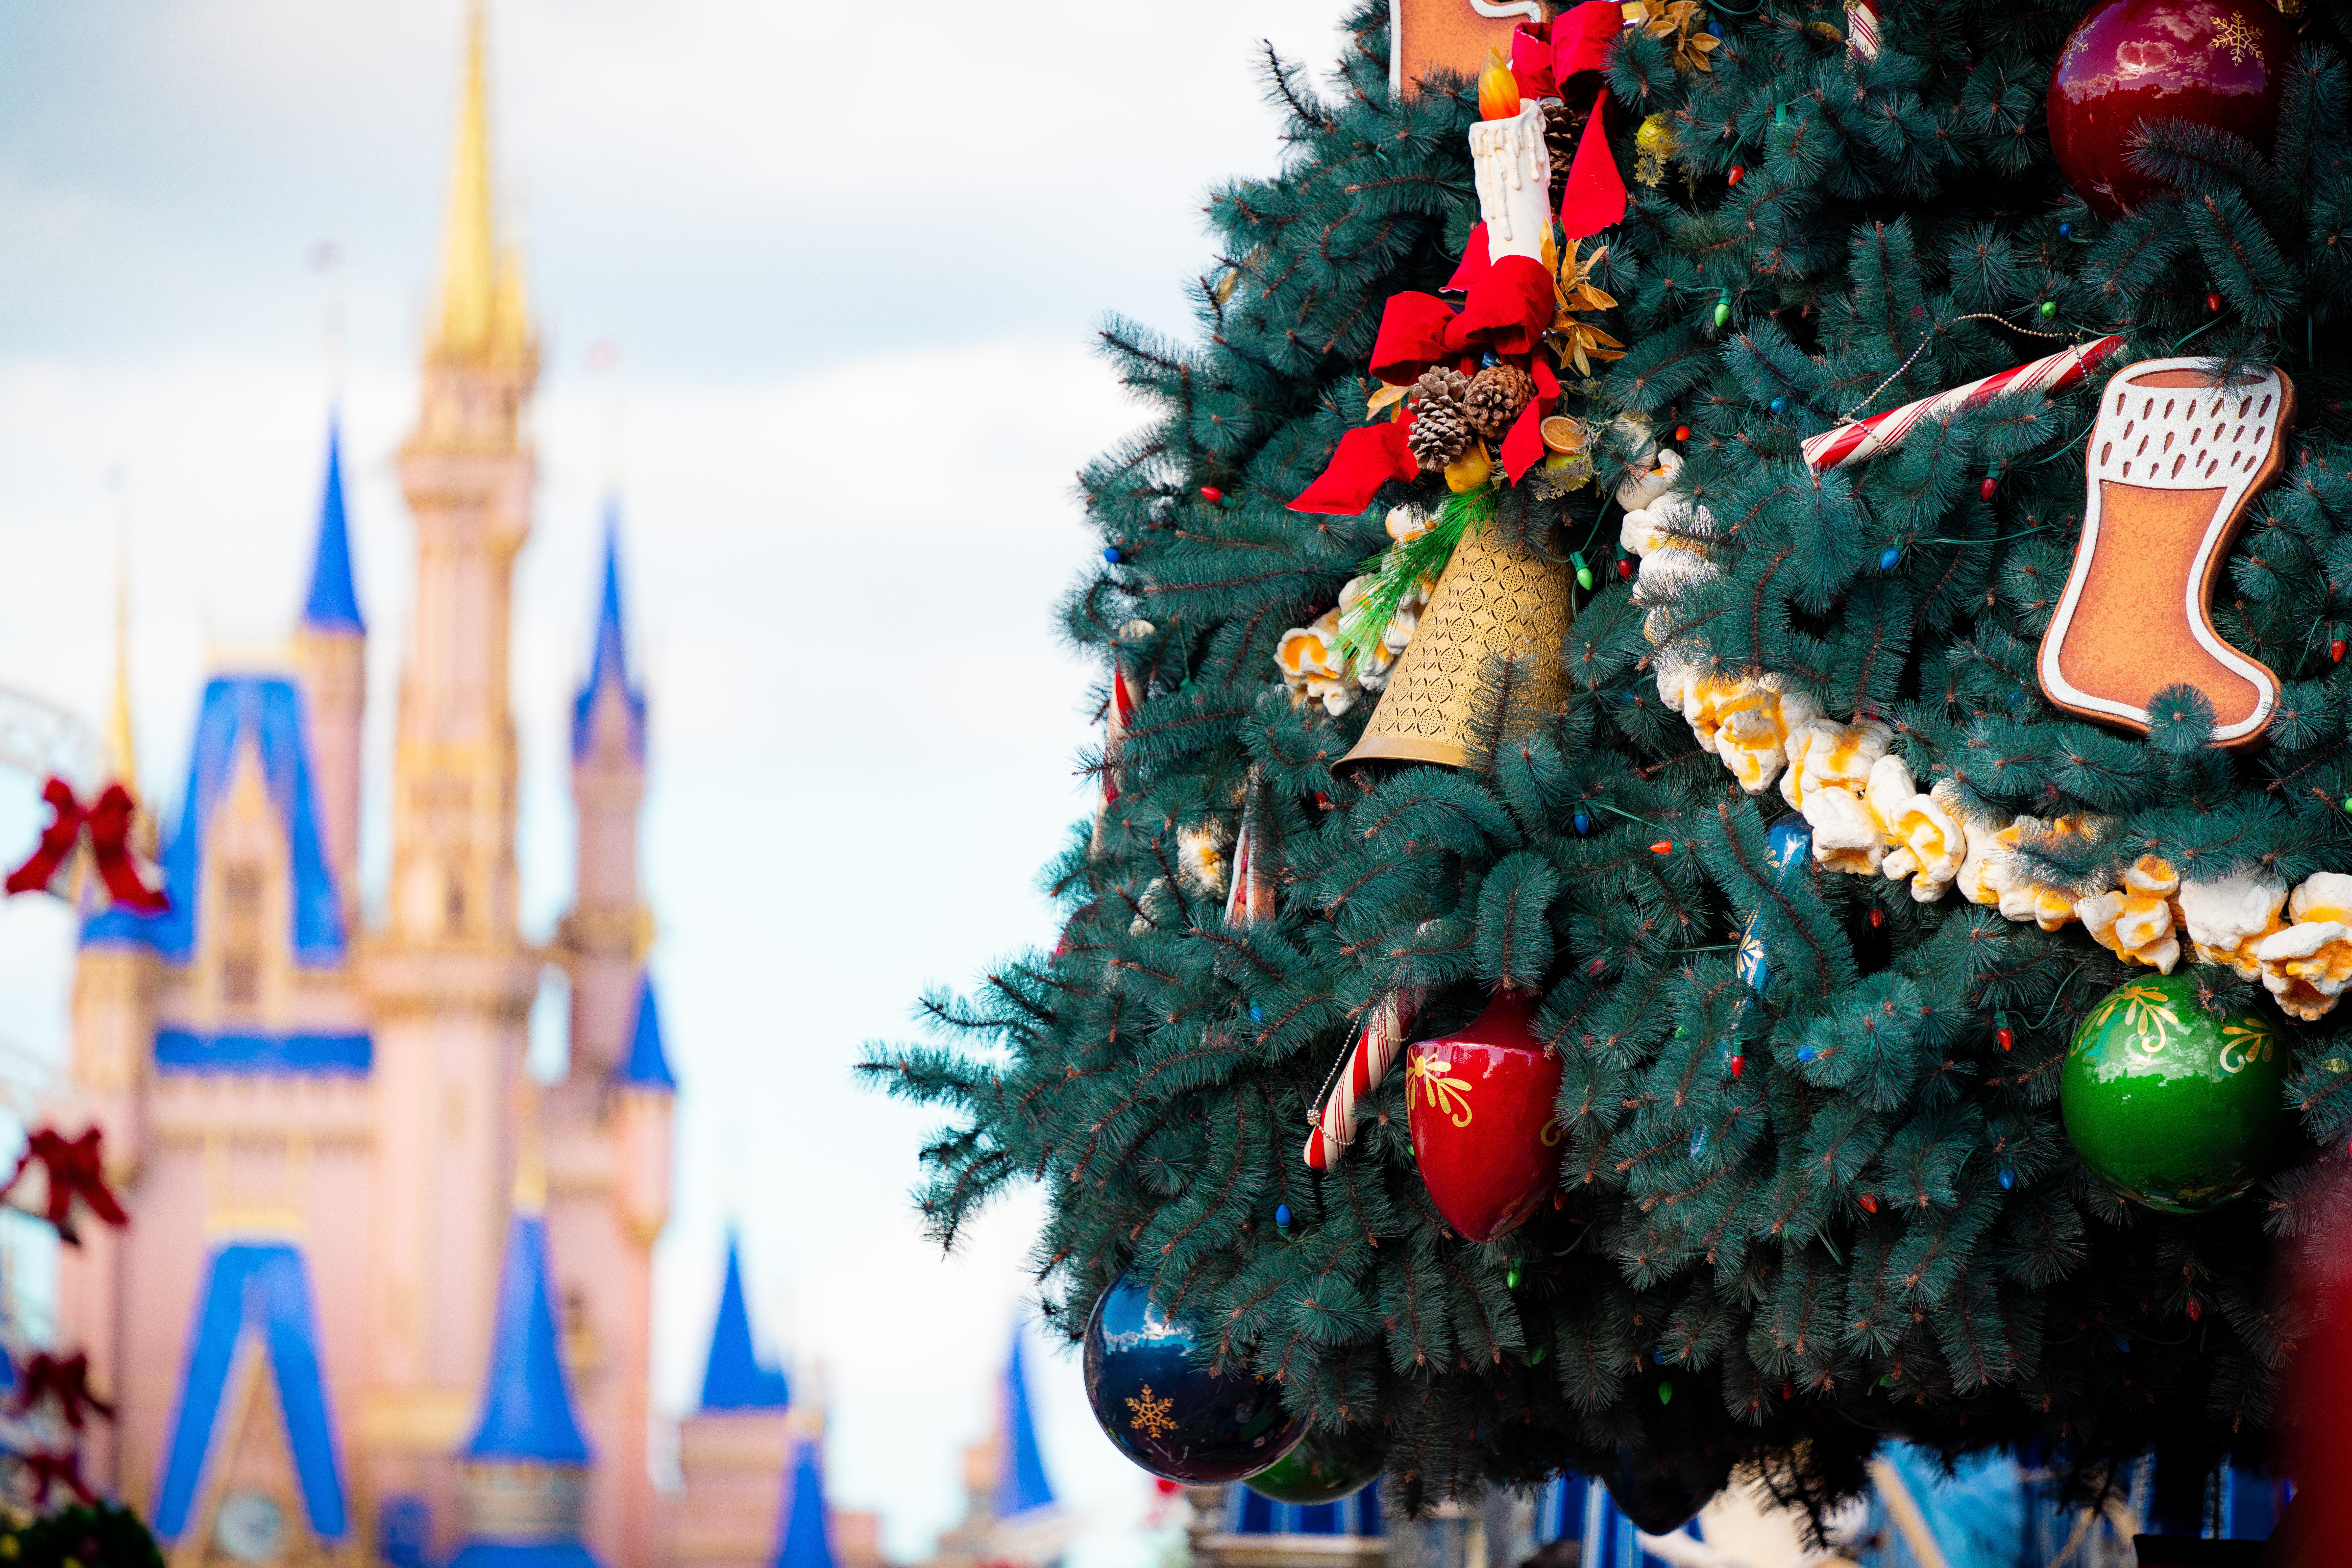 Christmas 2020 at Magic Kingdom